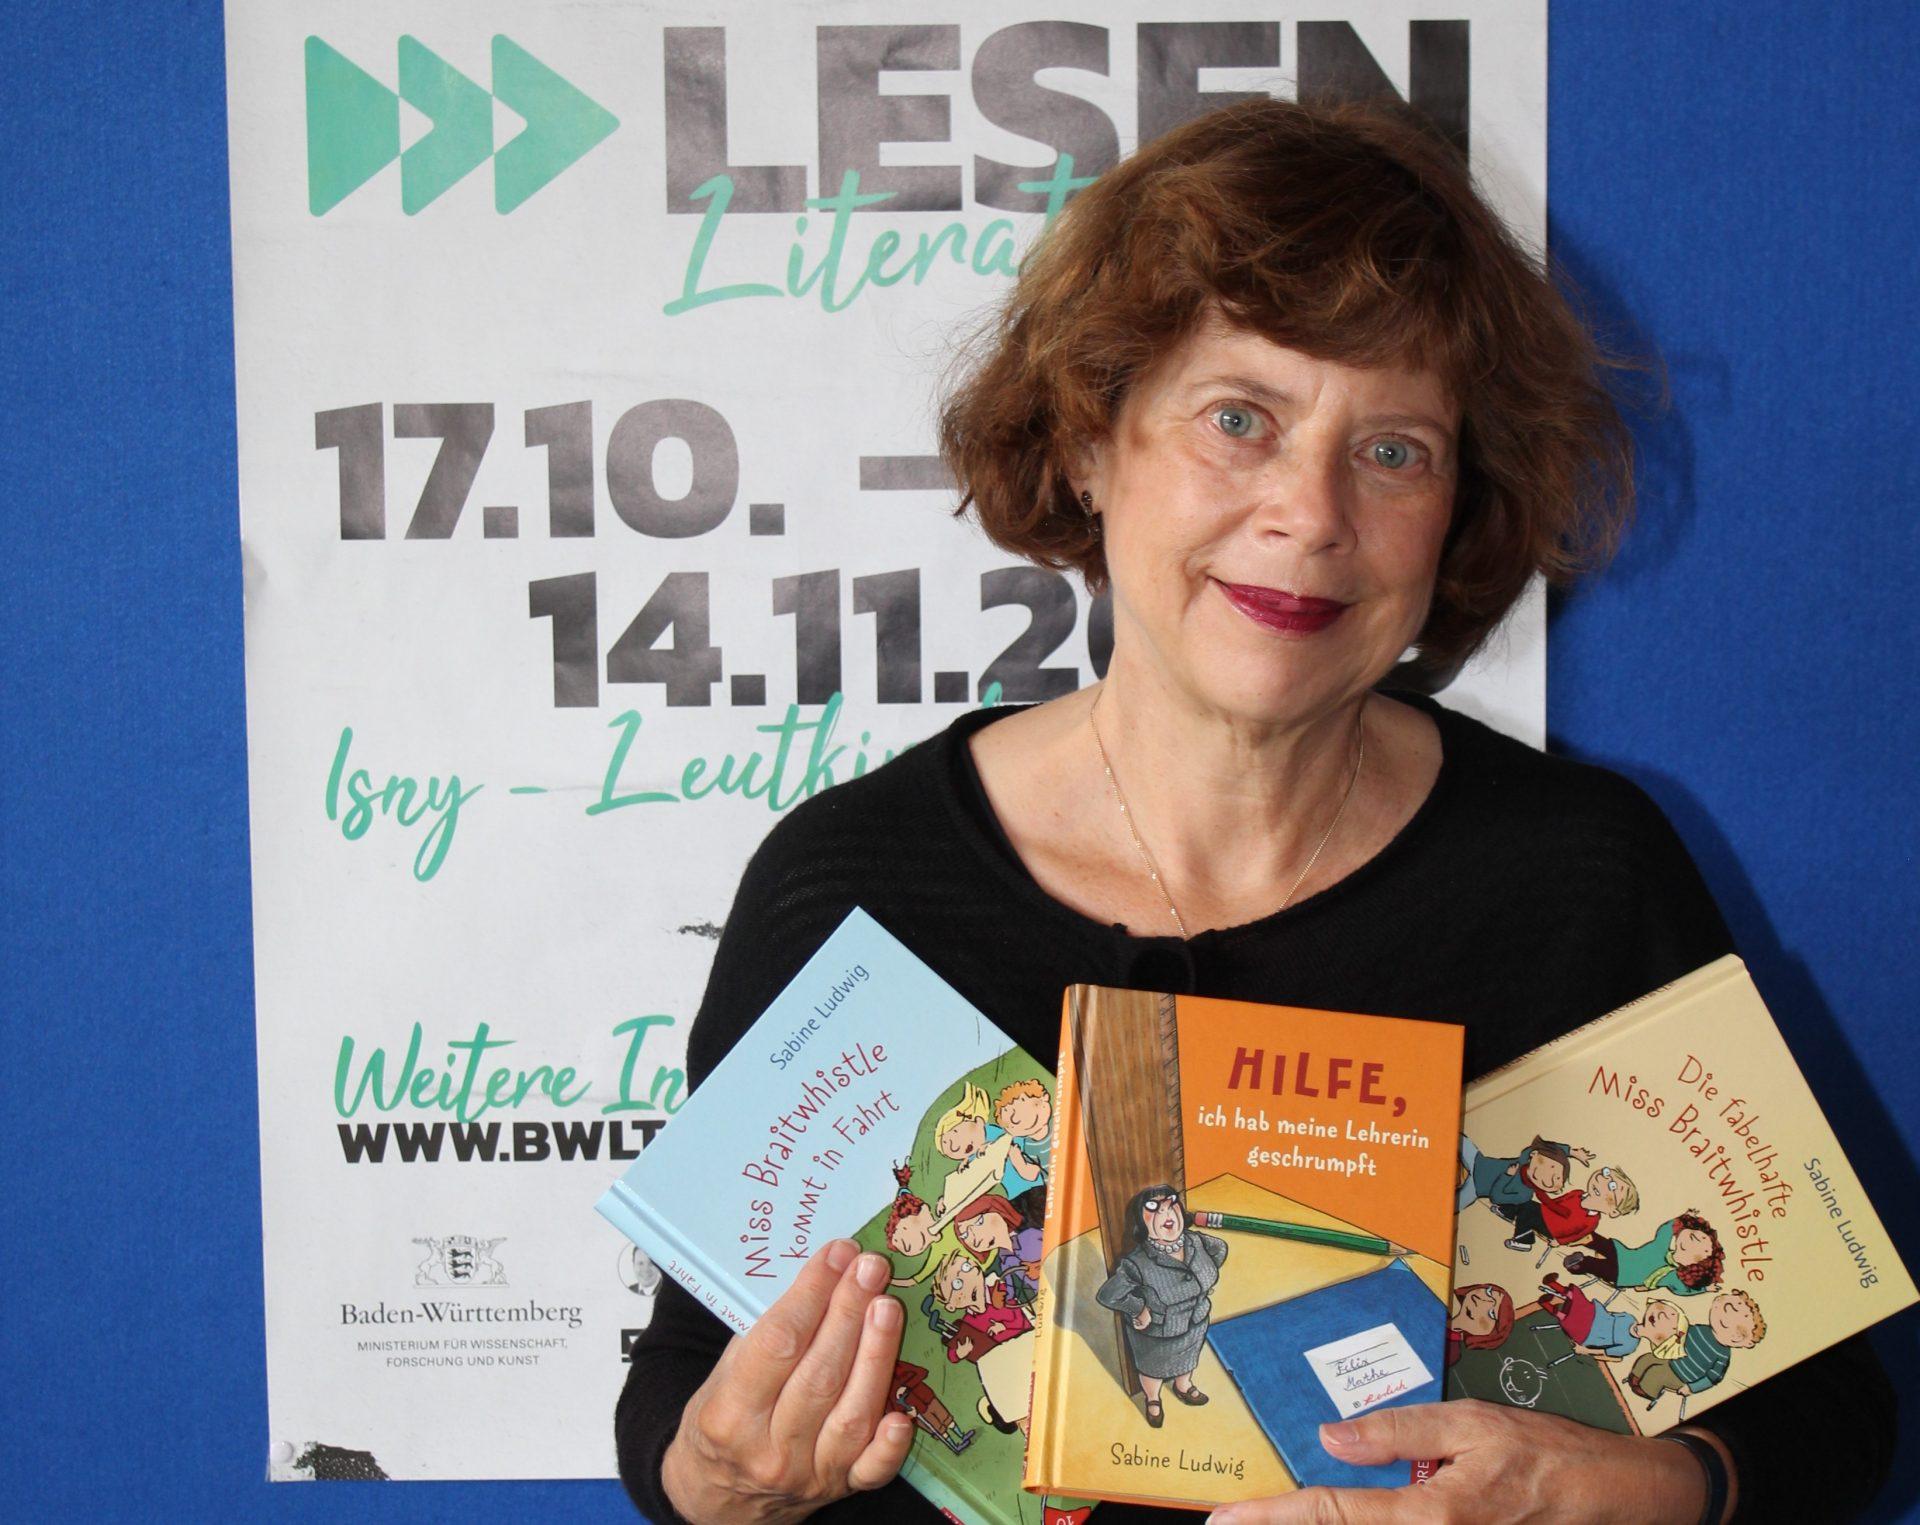 Lesungen mit Bestseller-Autorin Sabine Ludwig